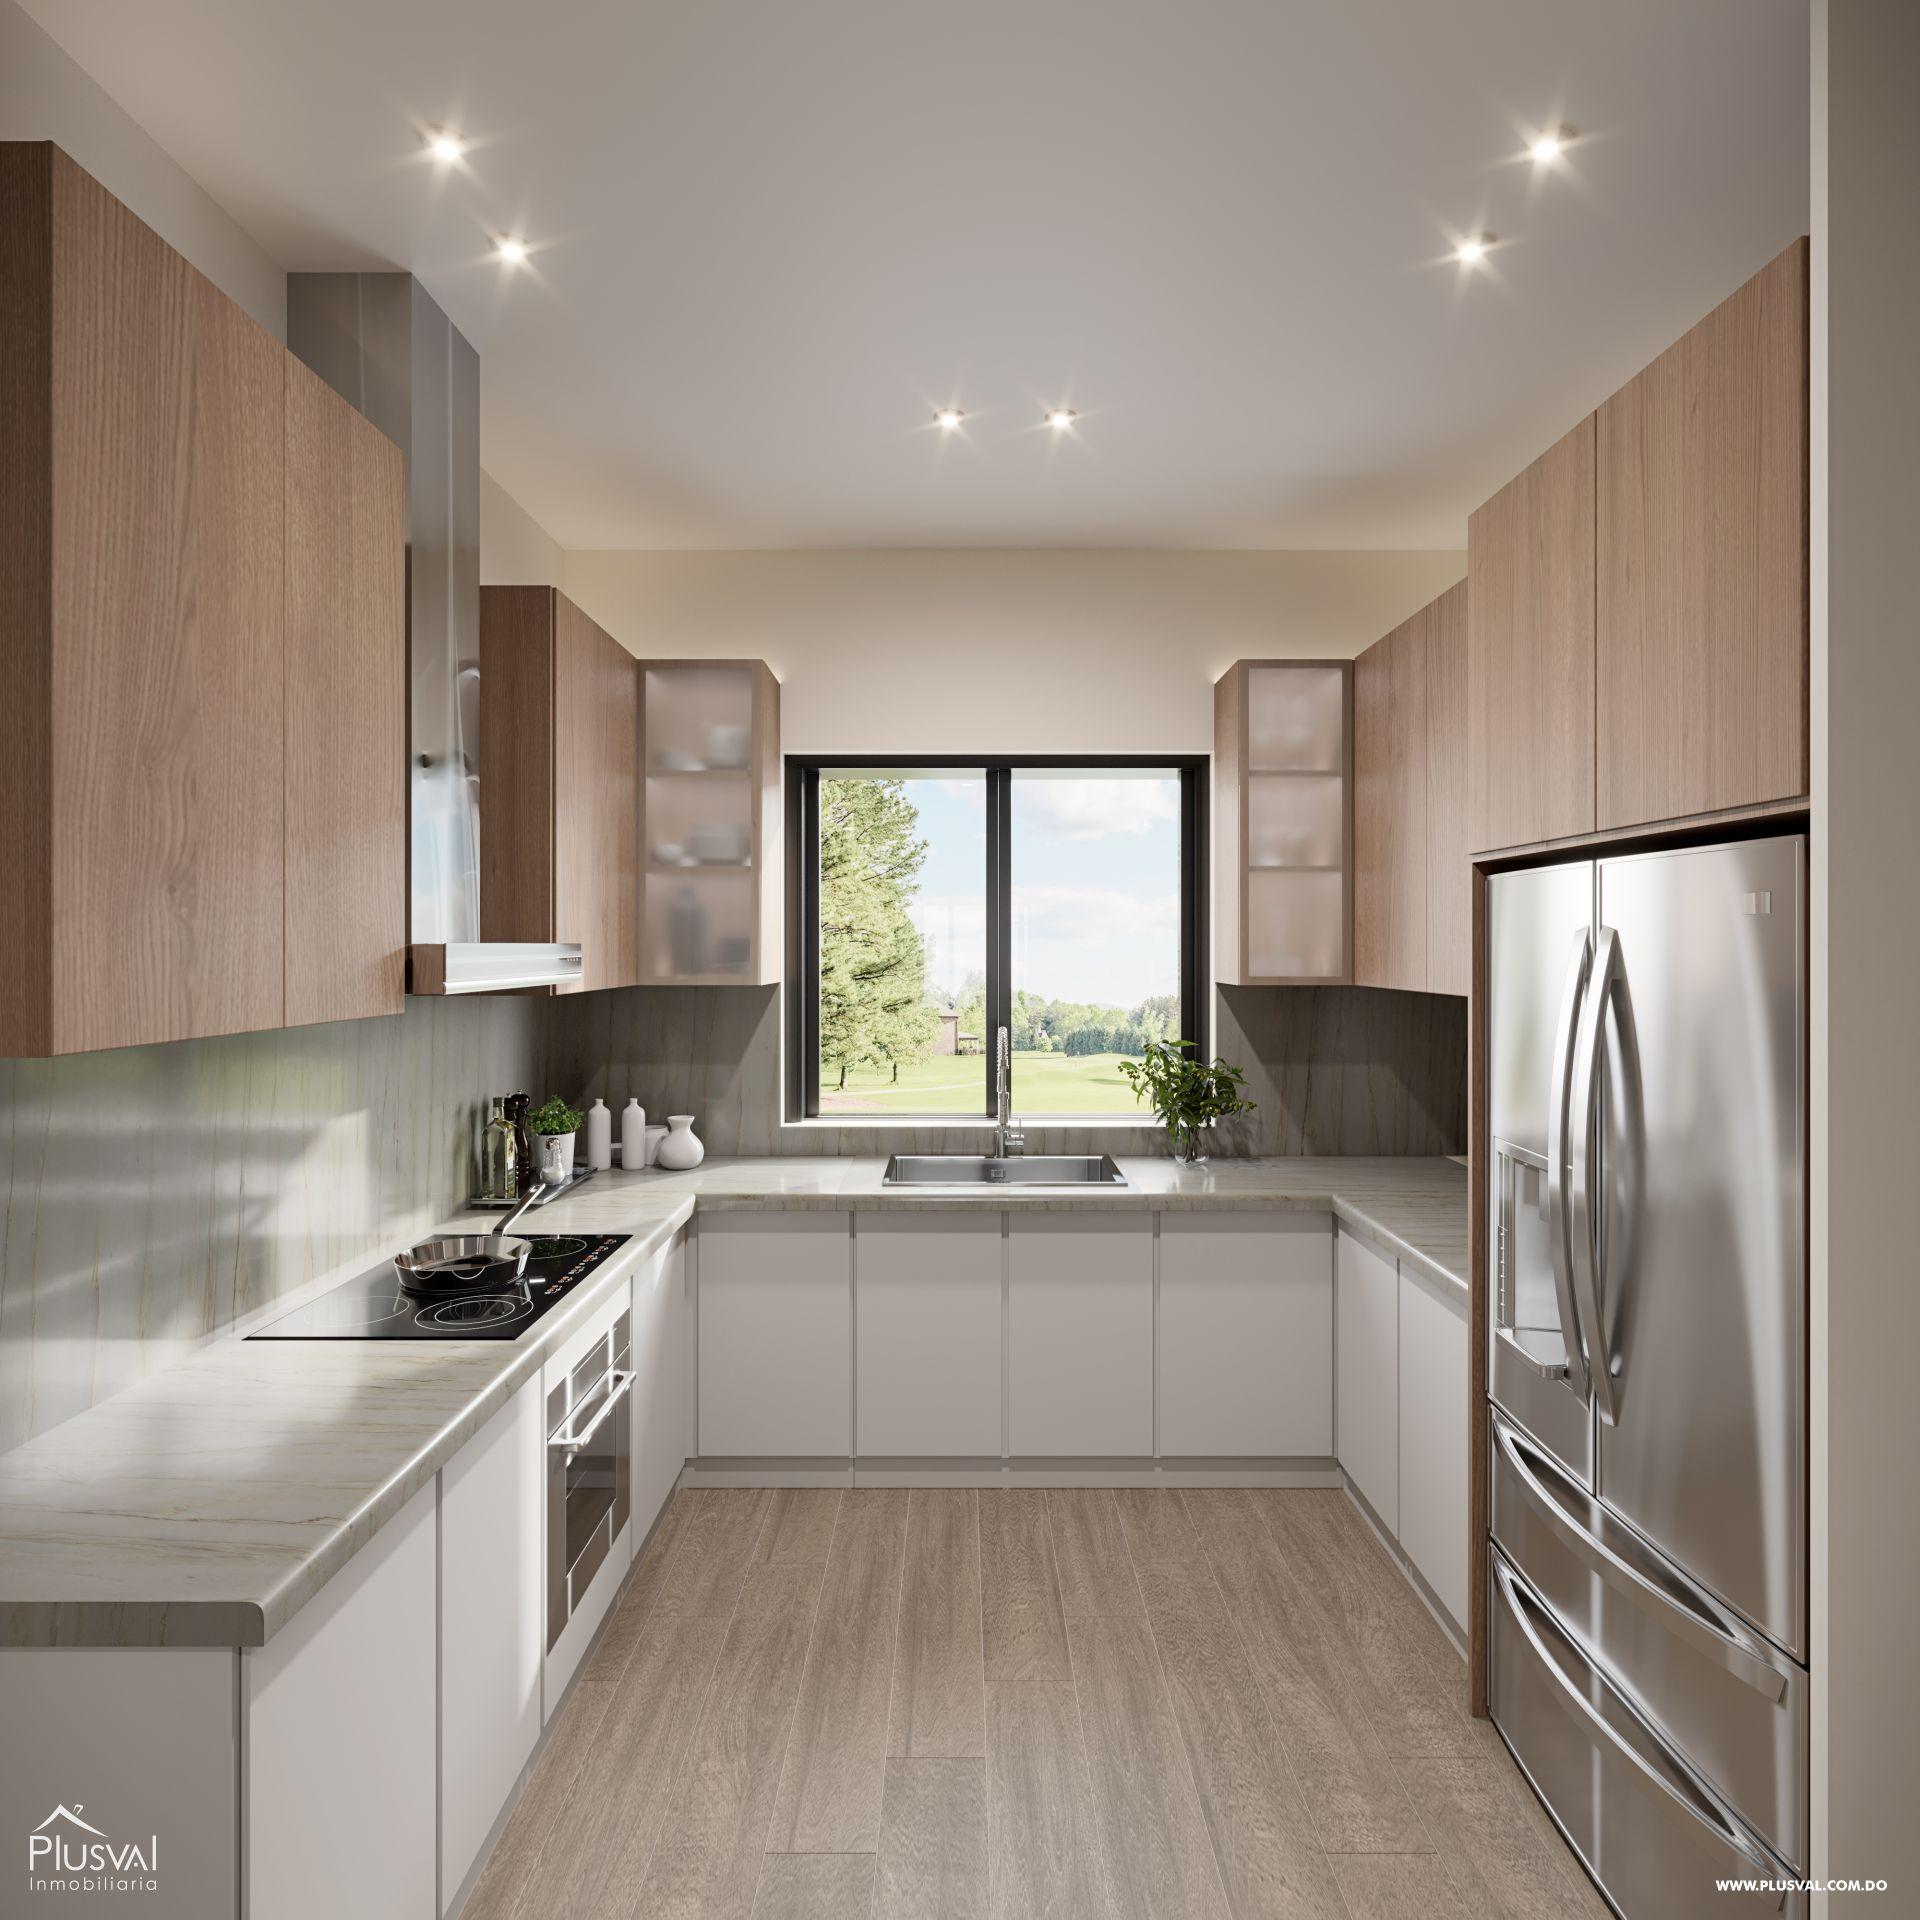 Apartamentos en Venta, en exclusiva comunidad en Cana Bay 190041